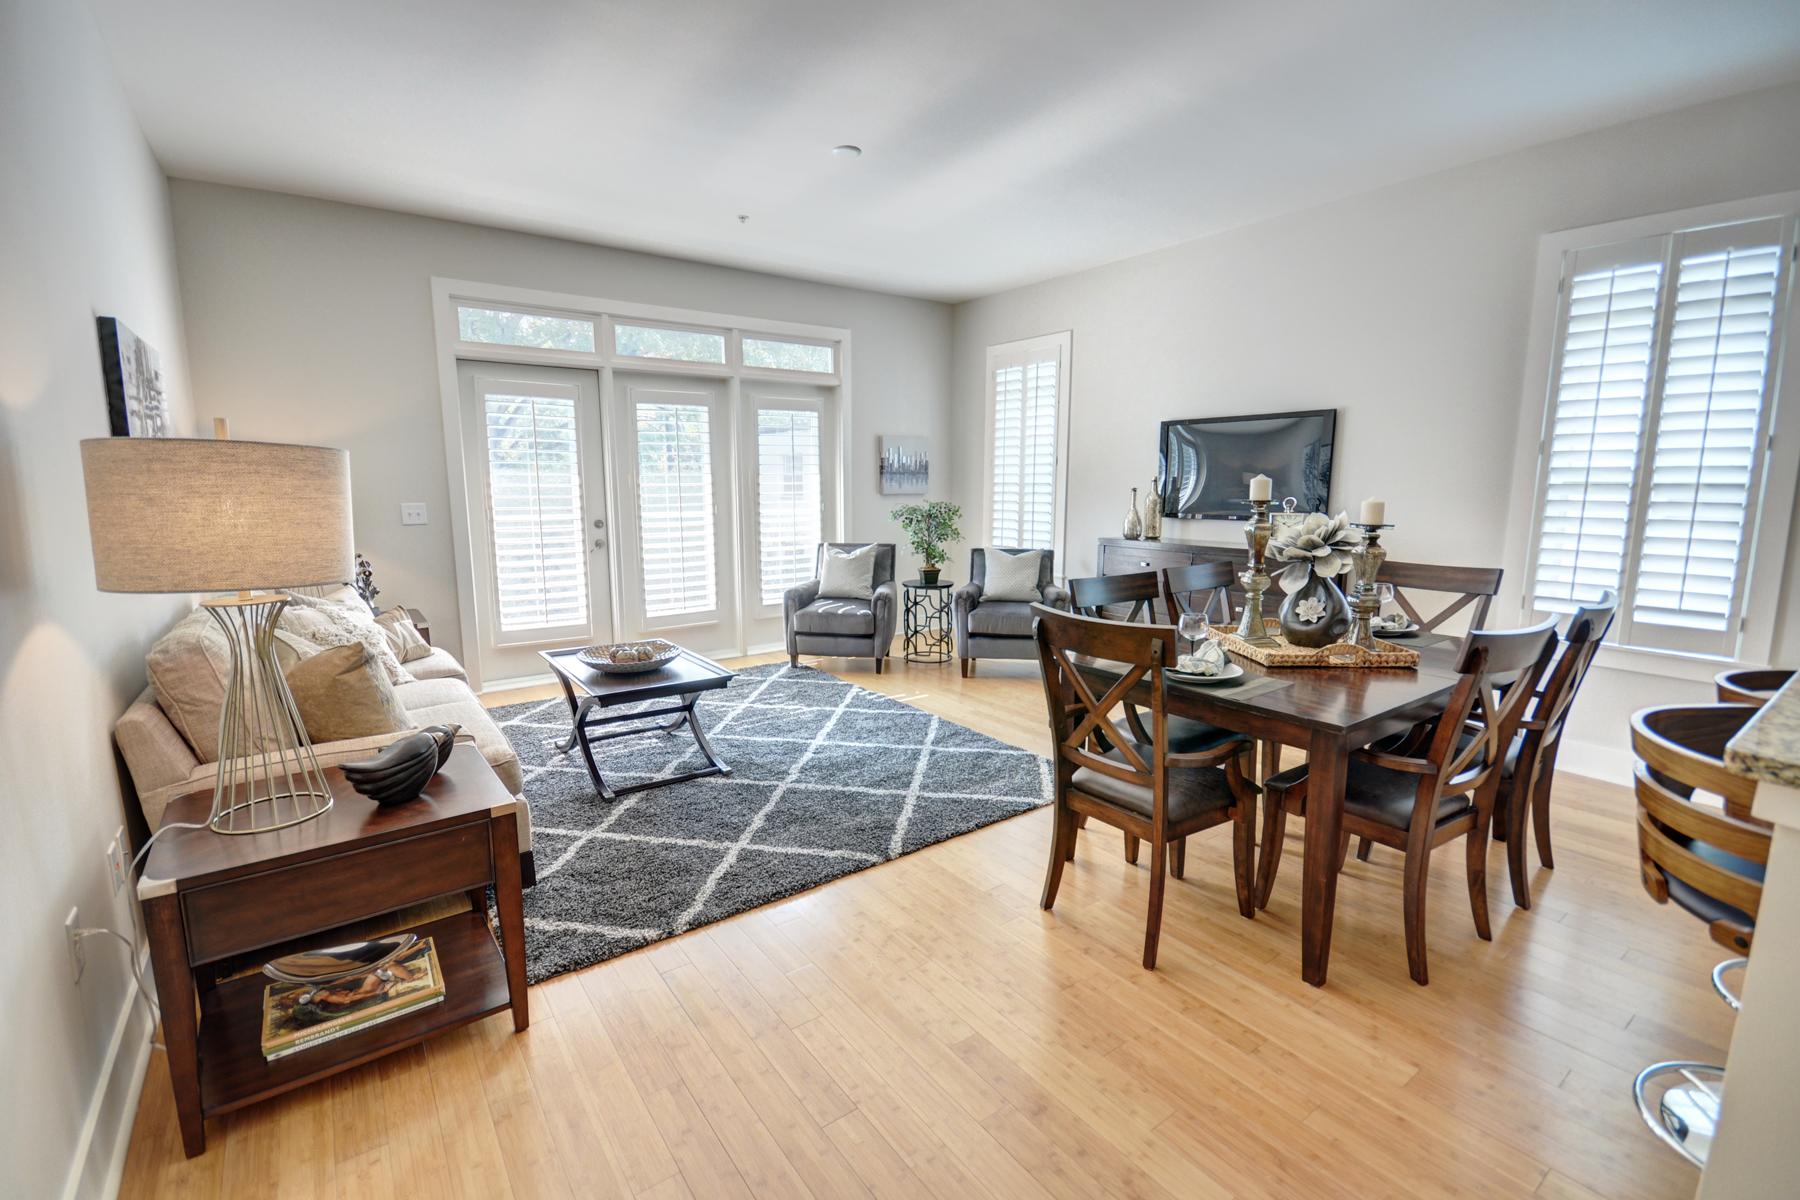 Condomínio para Venda às Bright, Corner Two-Bedroom in the Heart of Buckhead 3655 Peachtree Road NE #301 Atlanta, Geórgia, 30319 Estados Unidos